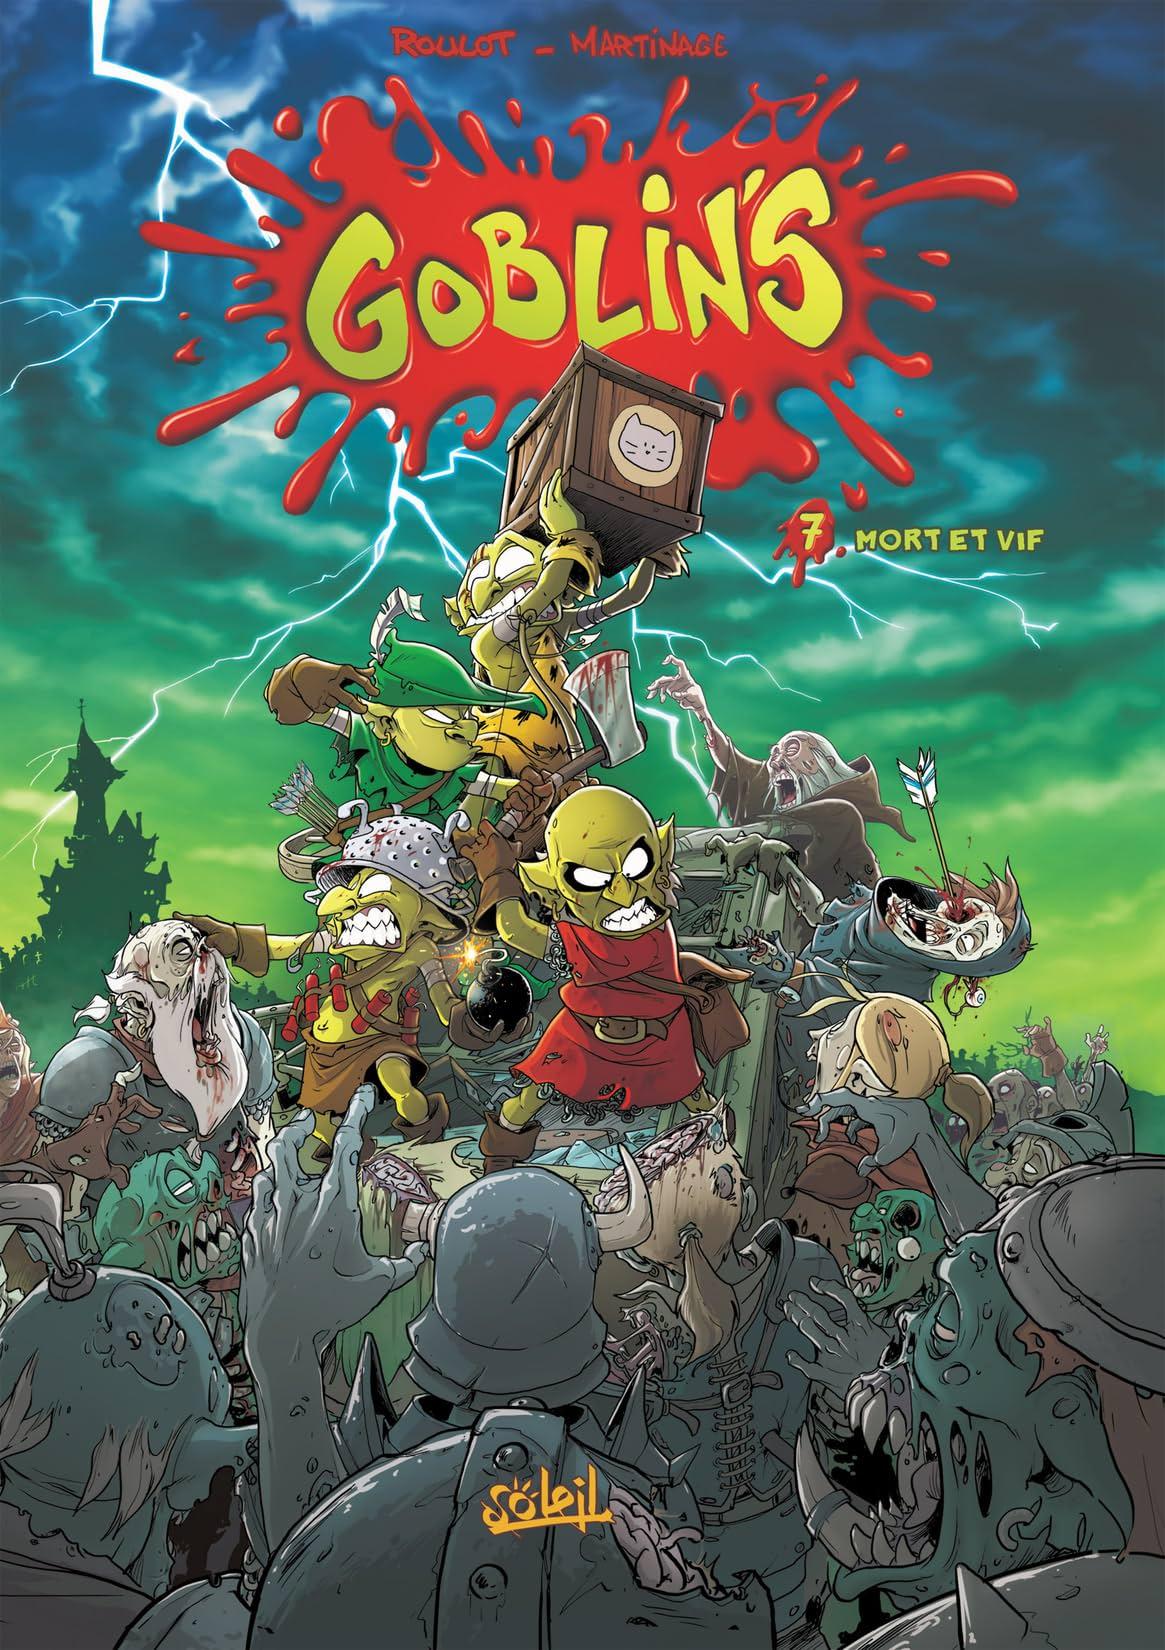 Goblin's Vol. 7: Mort et vif